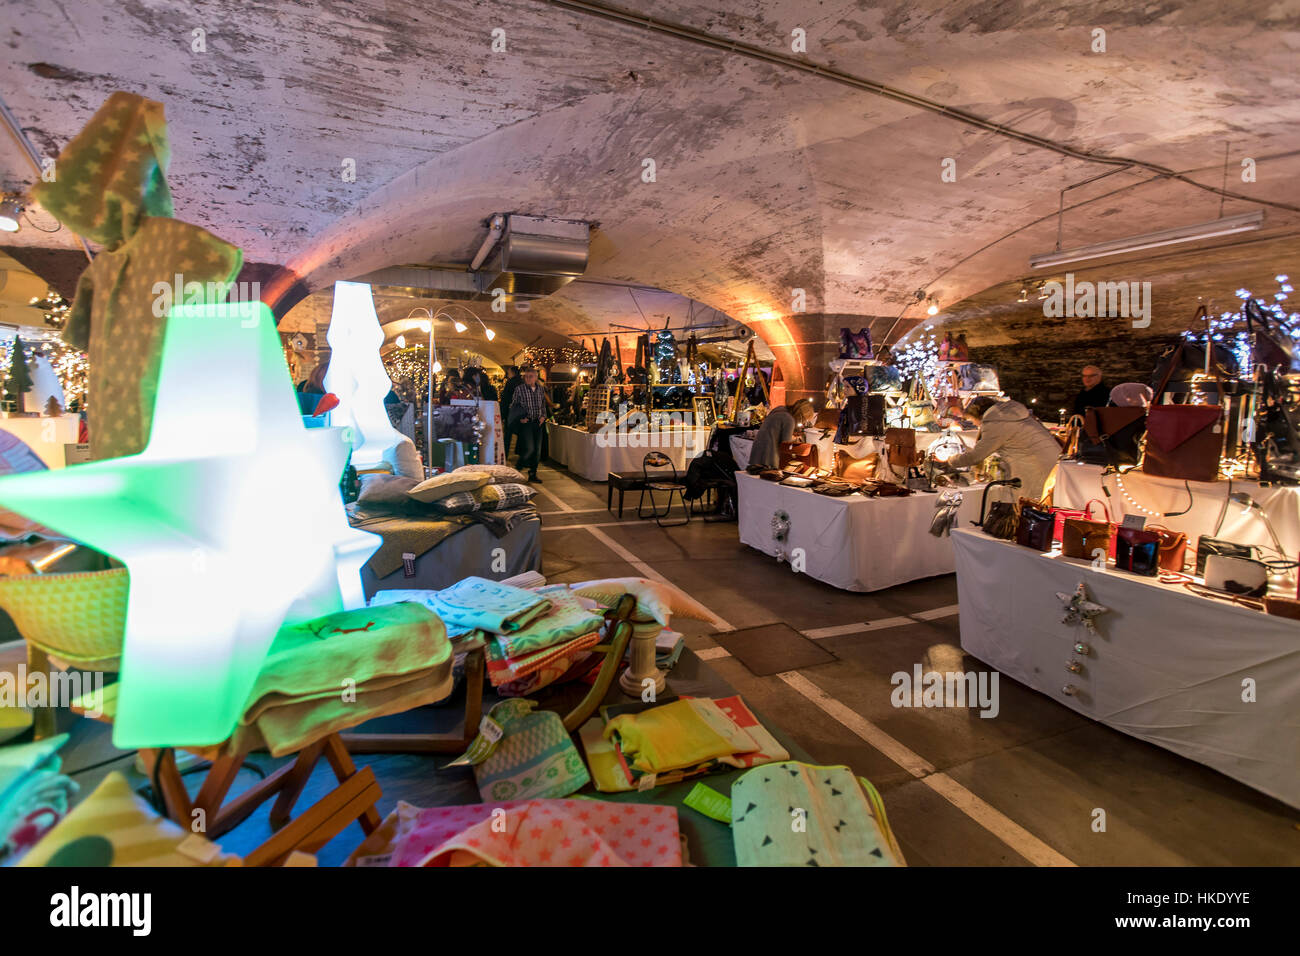 Weihnachtsmarkt Traben Trarbach.Unterirdische Weihnachtsmarkt Weihnachtsmarkt In Alter Wein Vault